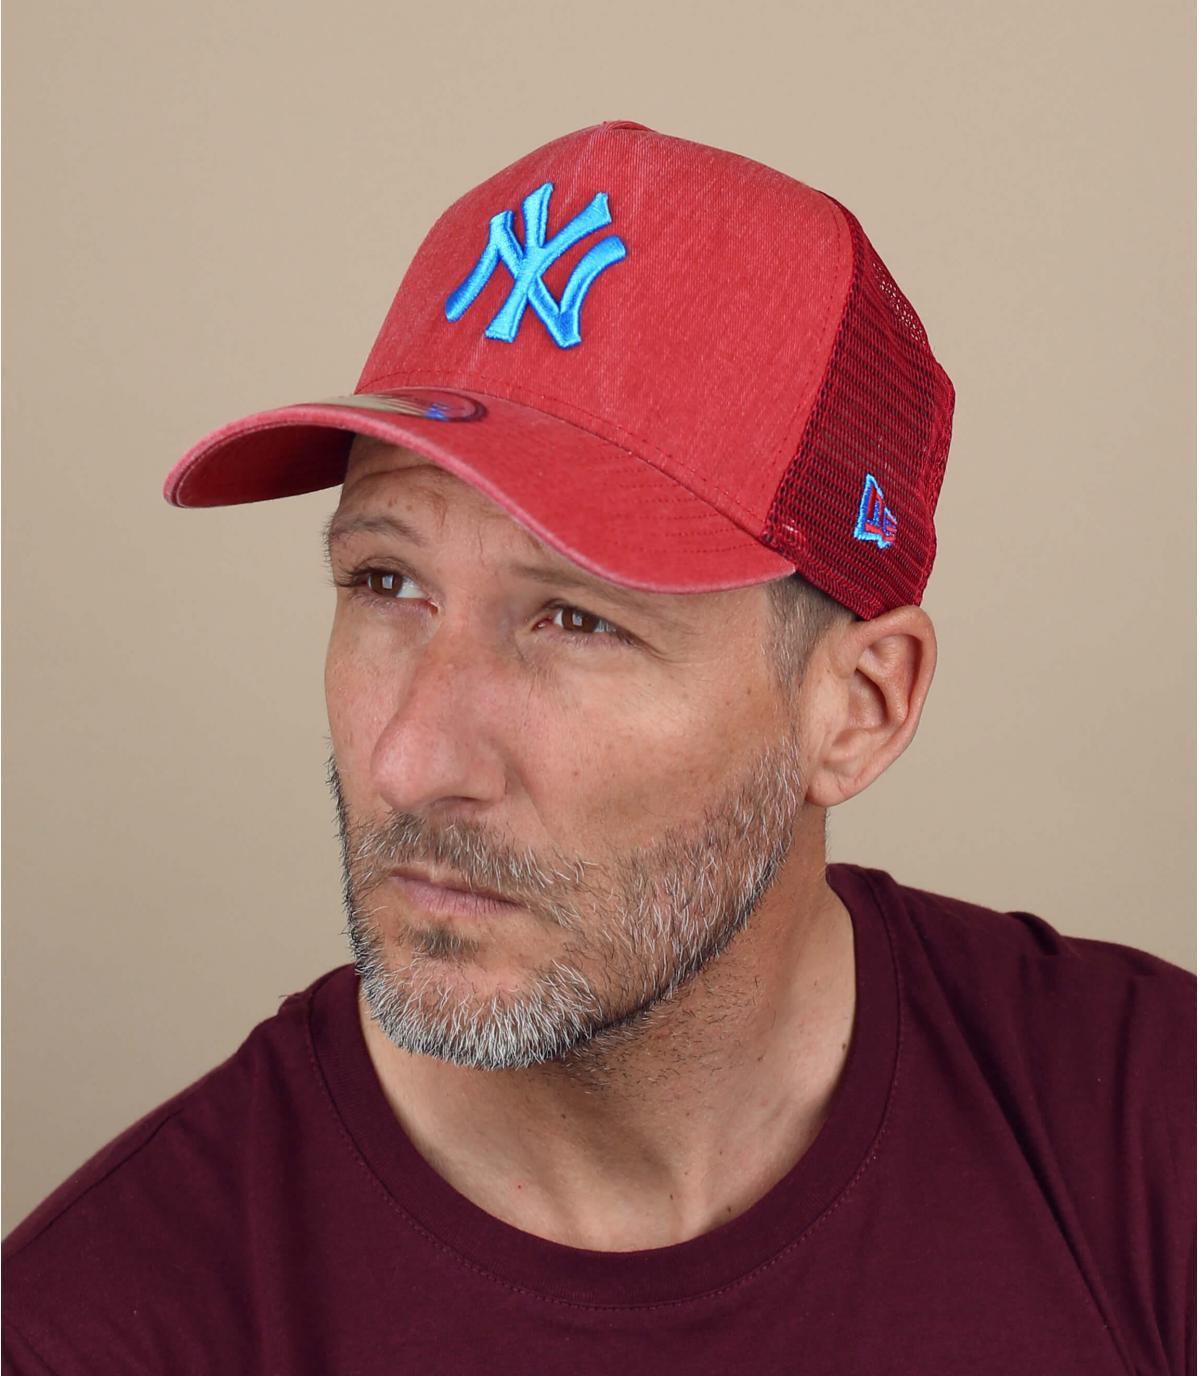 8ca5d35277644 Casquette rouge, casquette rouge homme, femme et enfant - Headict